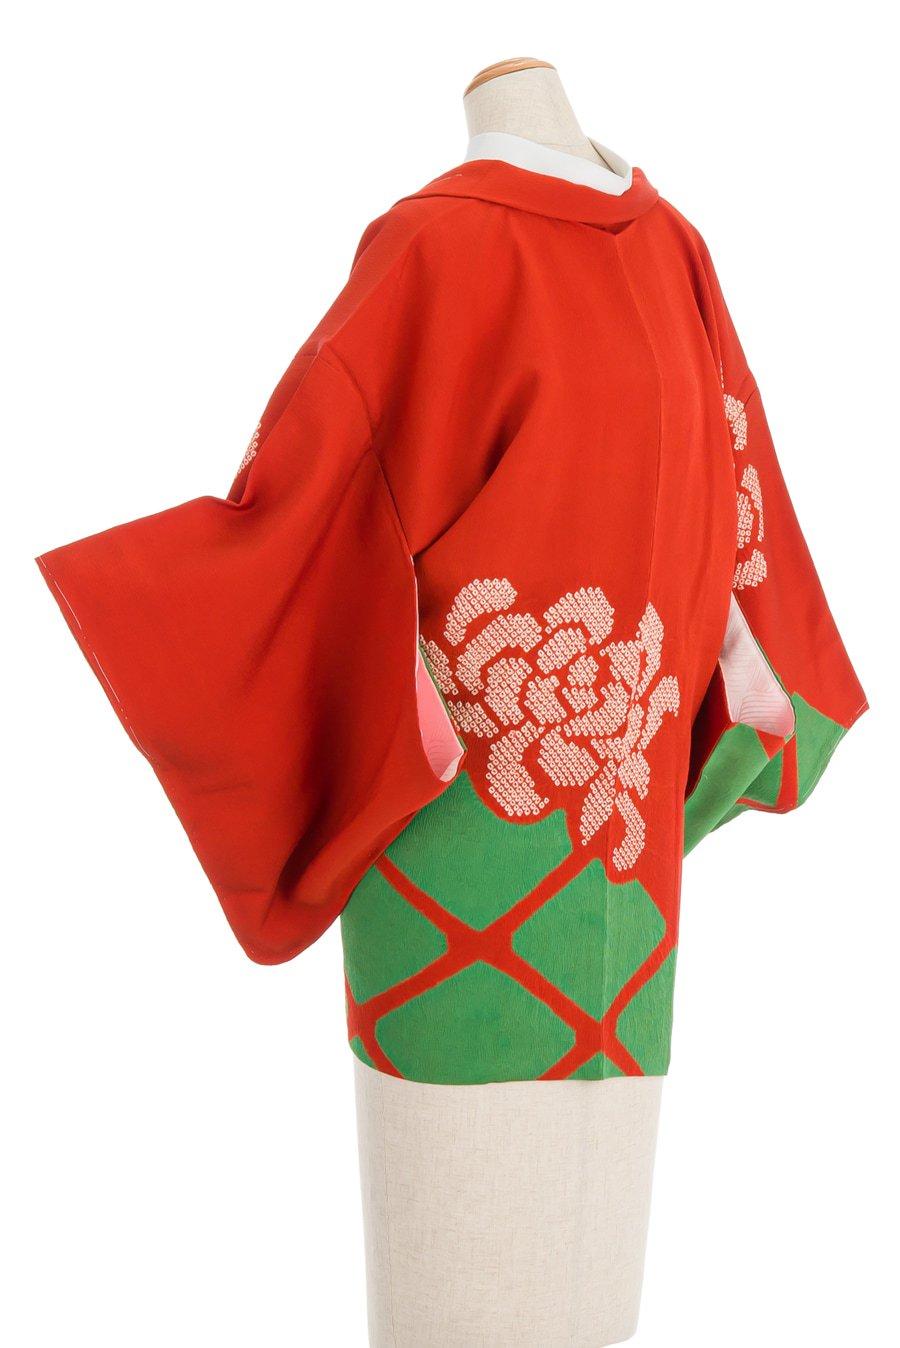 「絞り絵羽織 大輪の菊」の商品画像